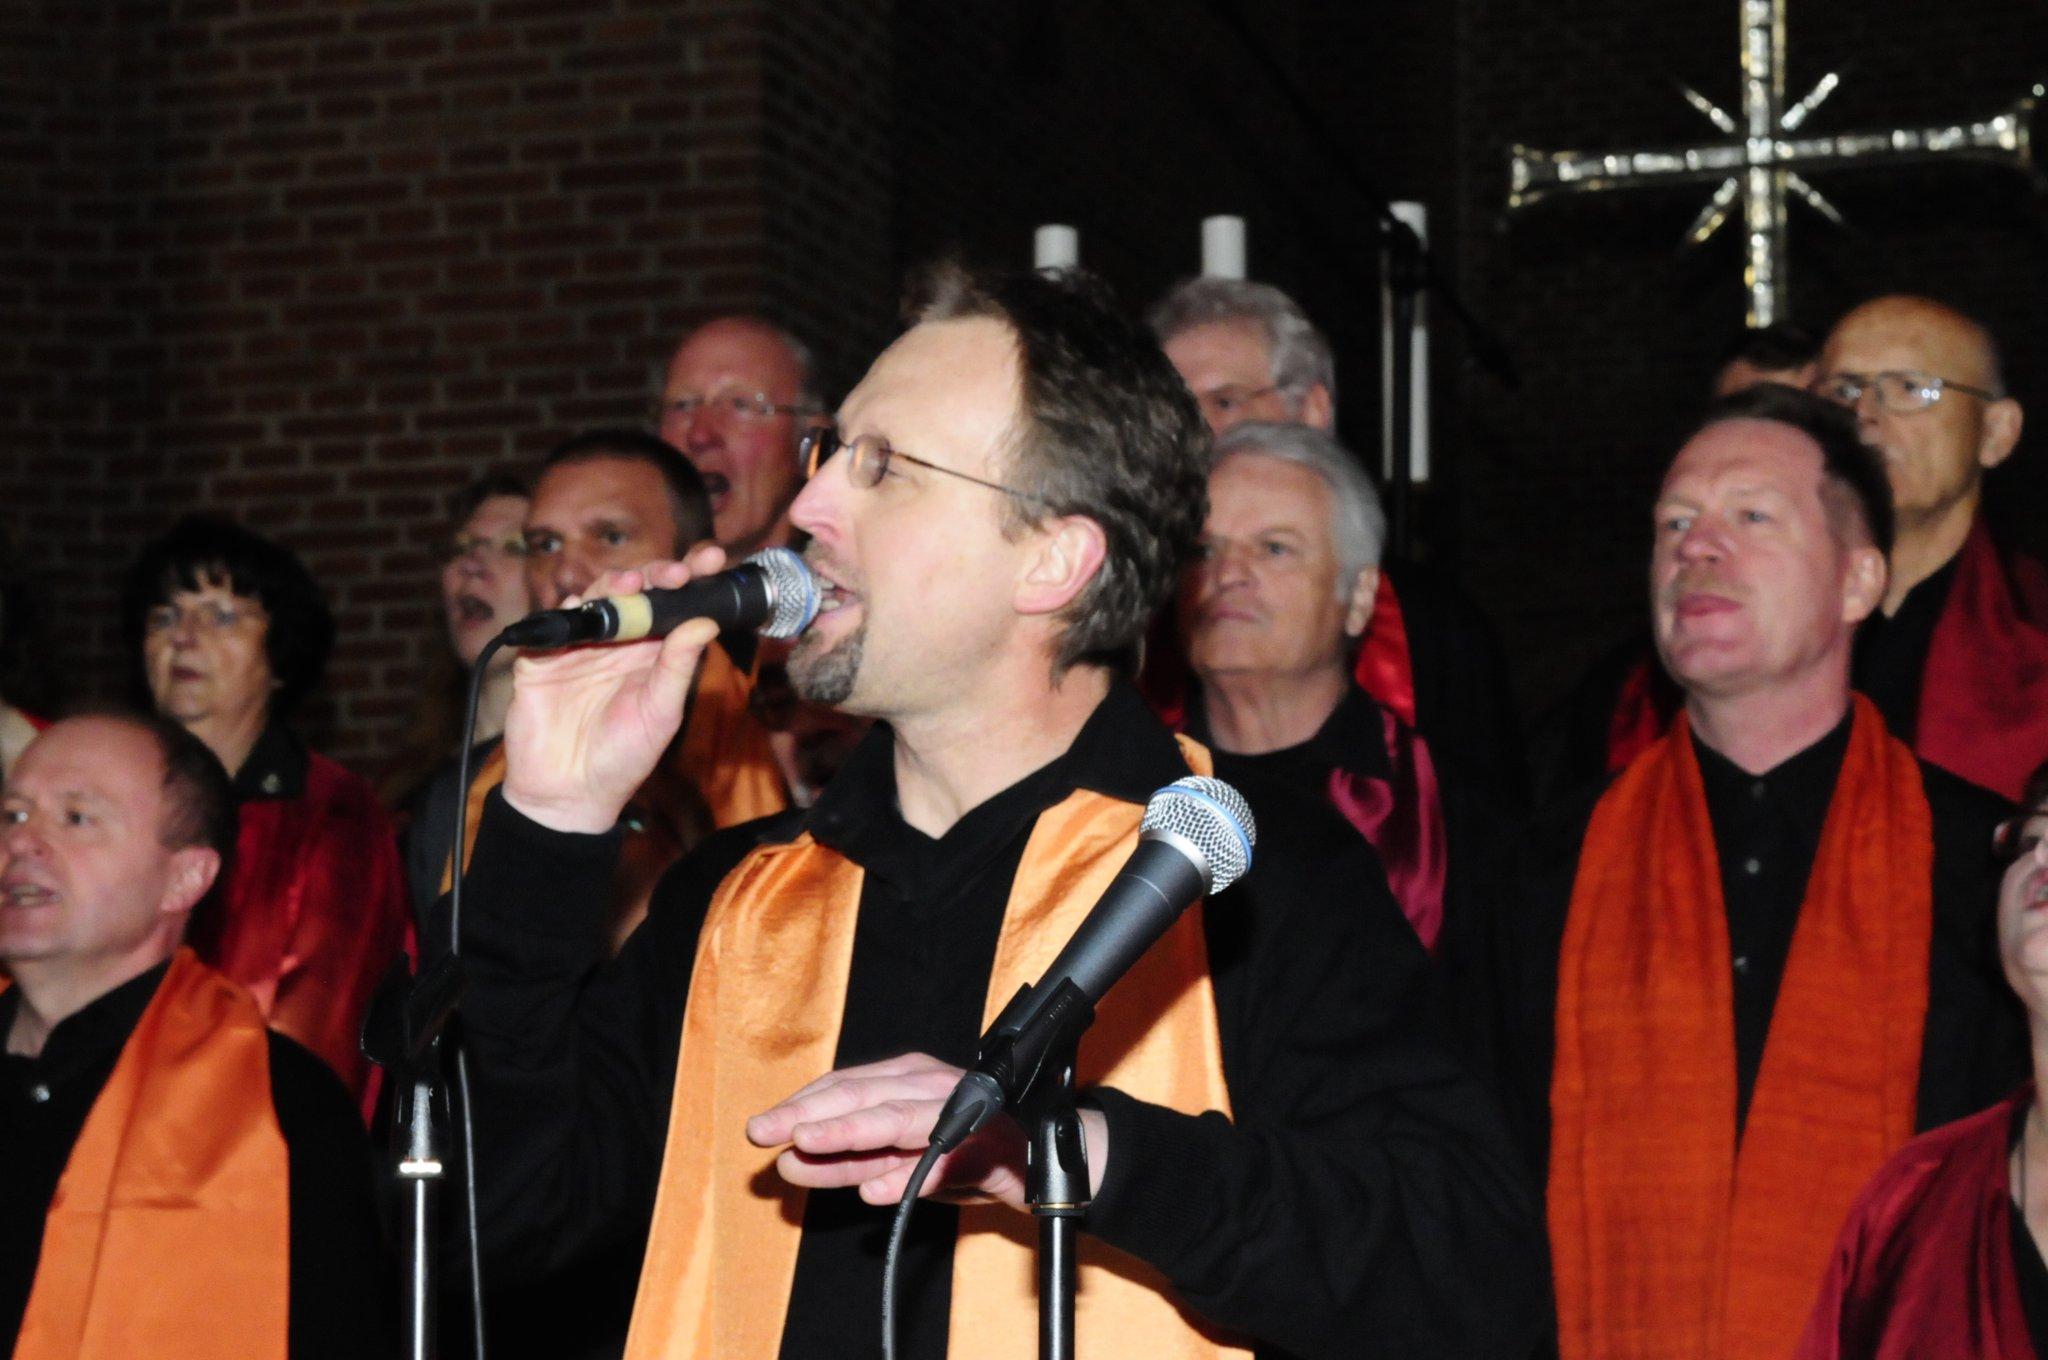 20120422 Reformations Gedaechtniskirche 030